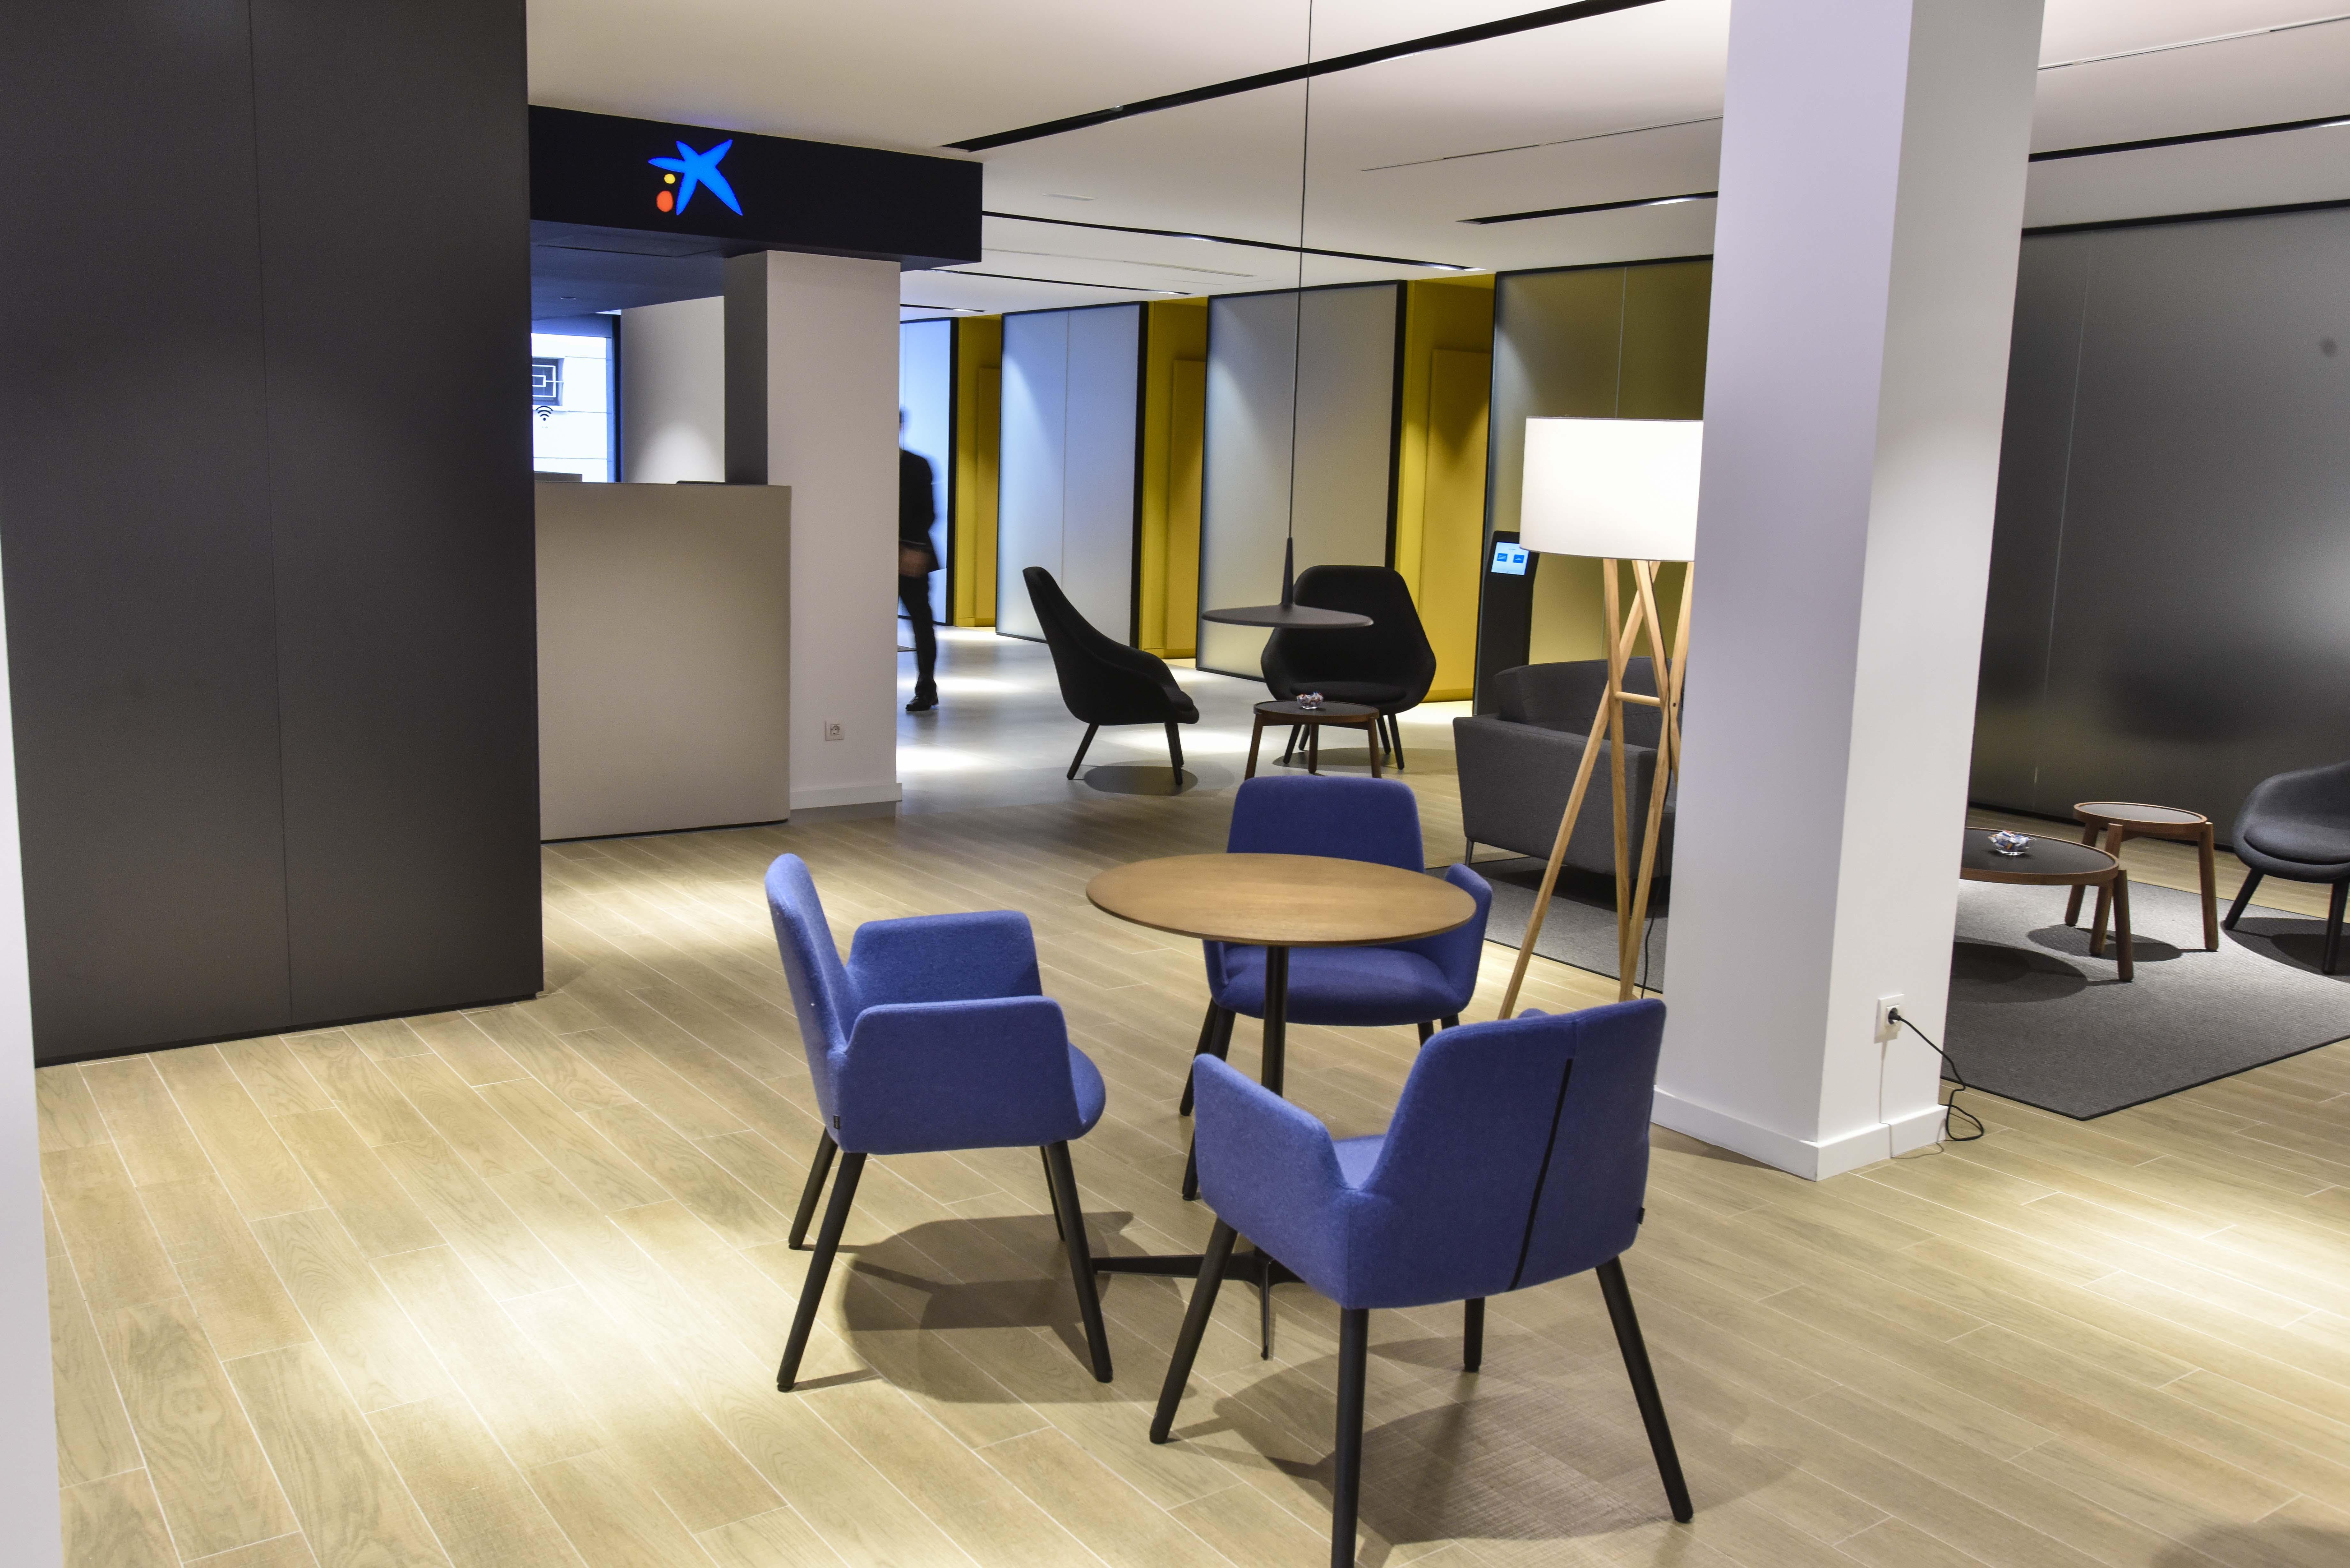 caixabank abrir 200 oficinas de su nuevo modelo store en